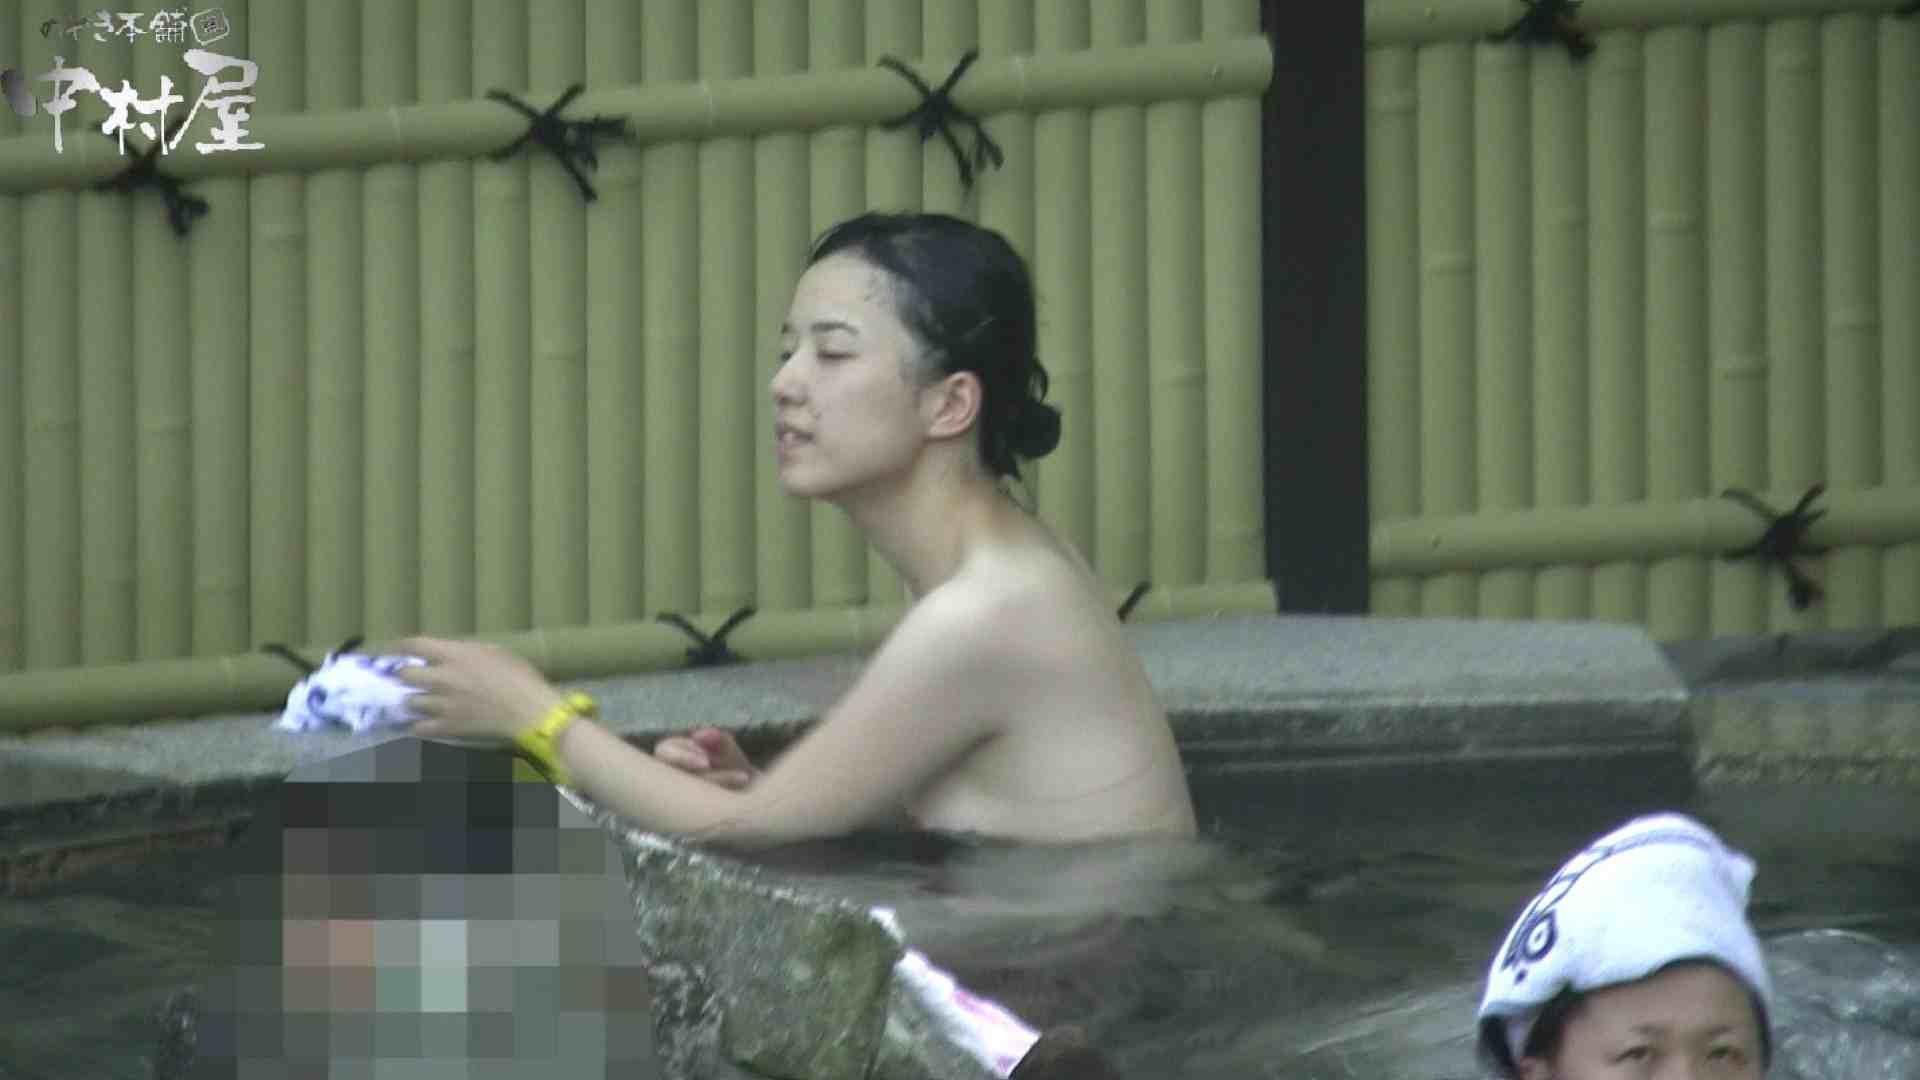 Aquaな露天風呂Vol.908 露天   盗撮  81pic 29